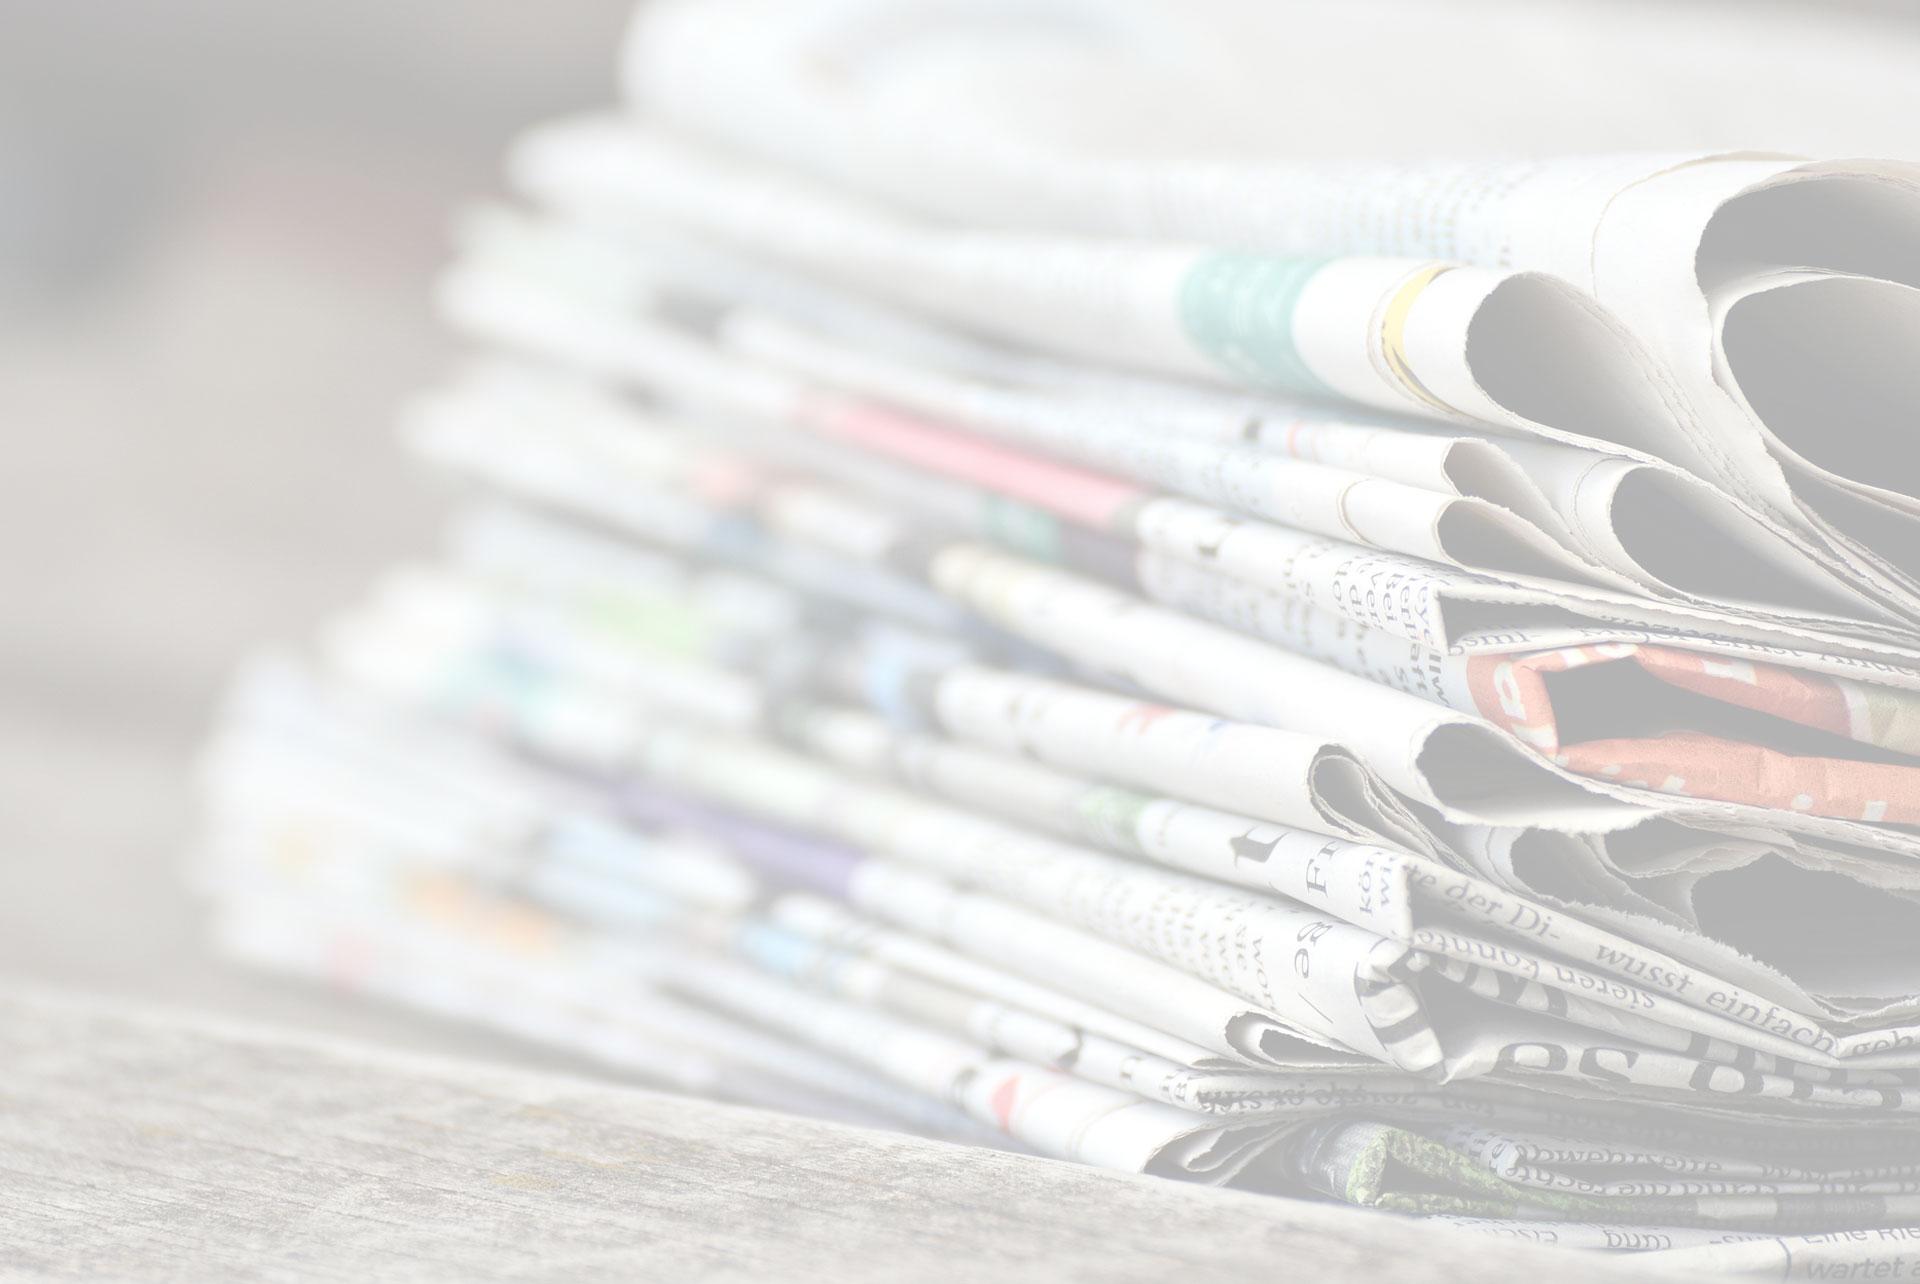 Lena D'Ambrosio